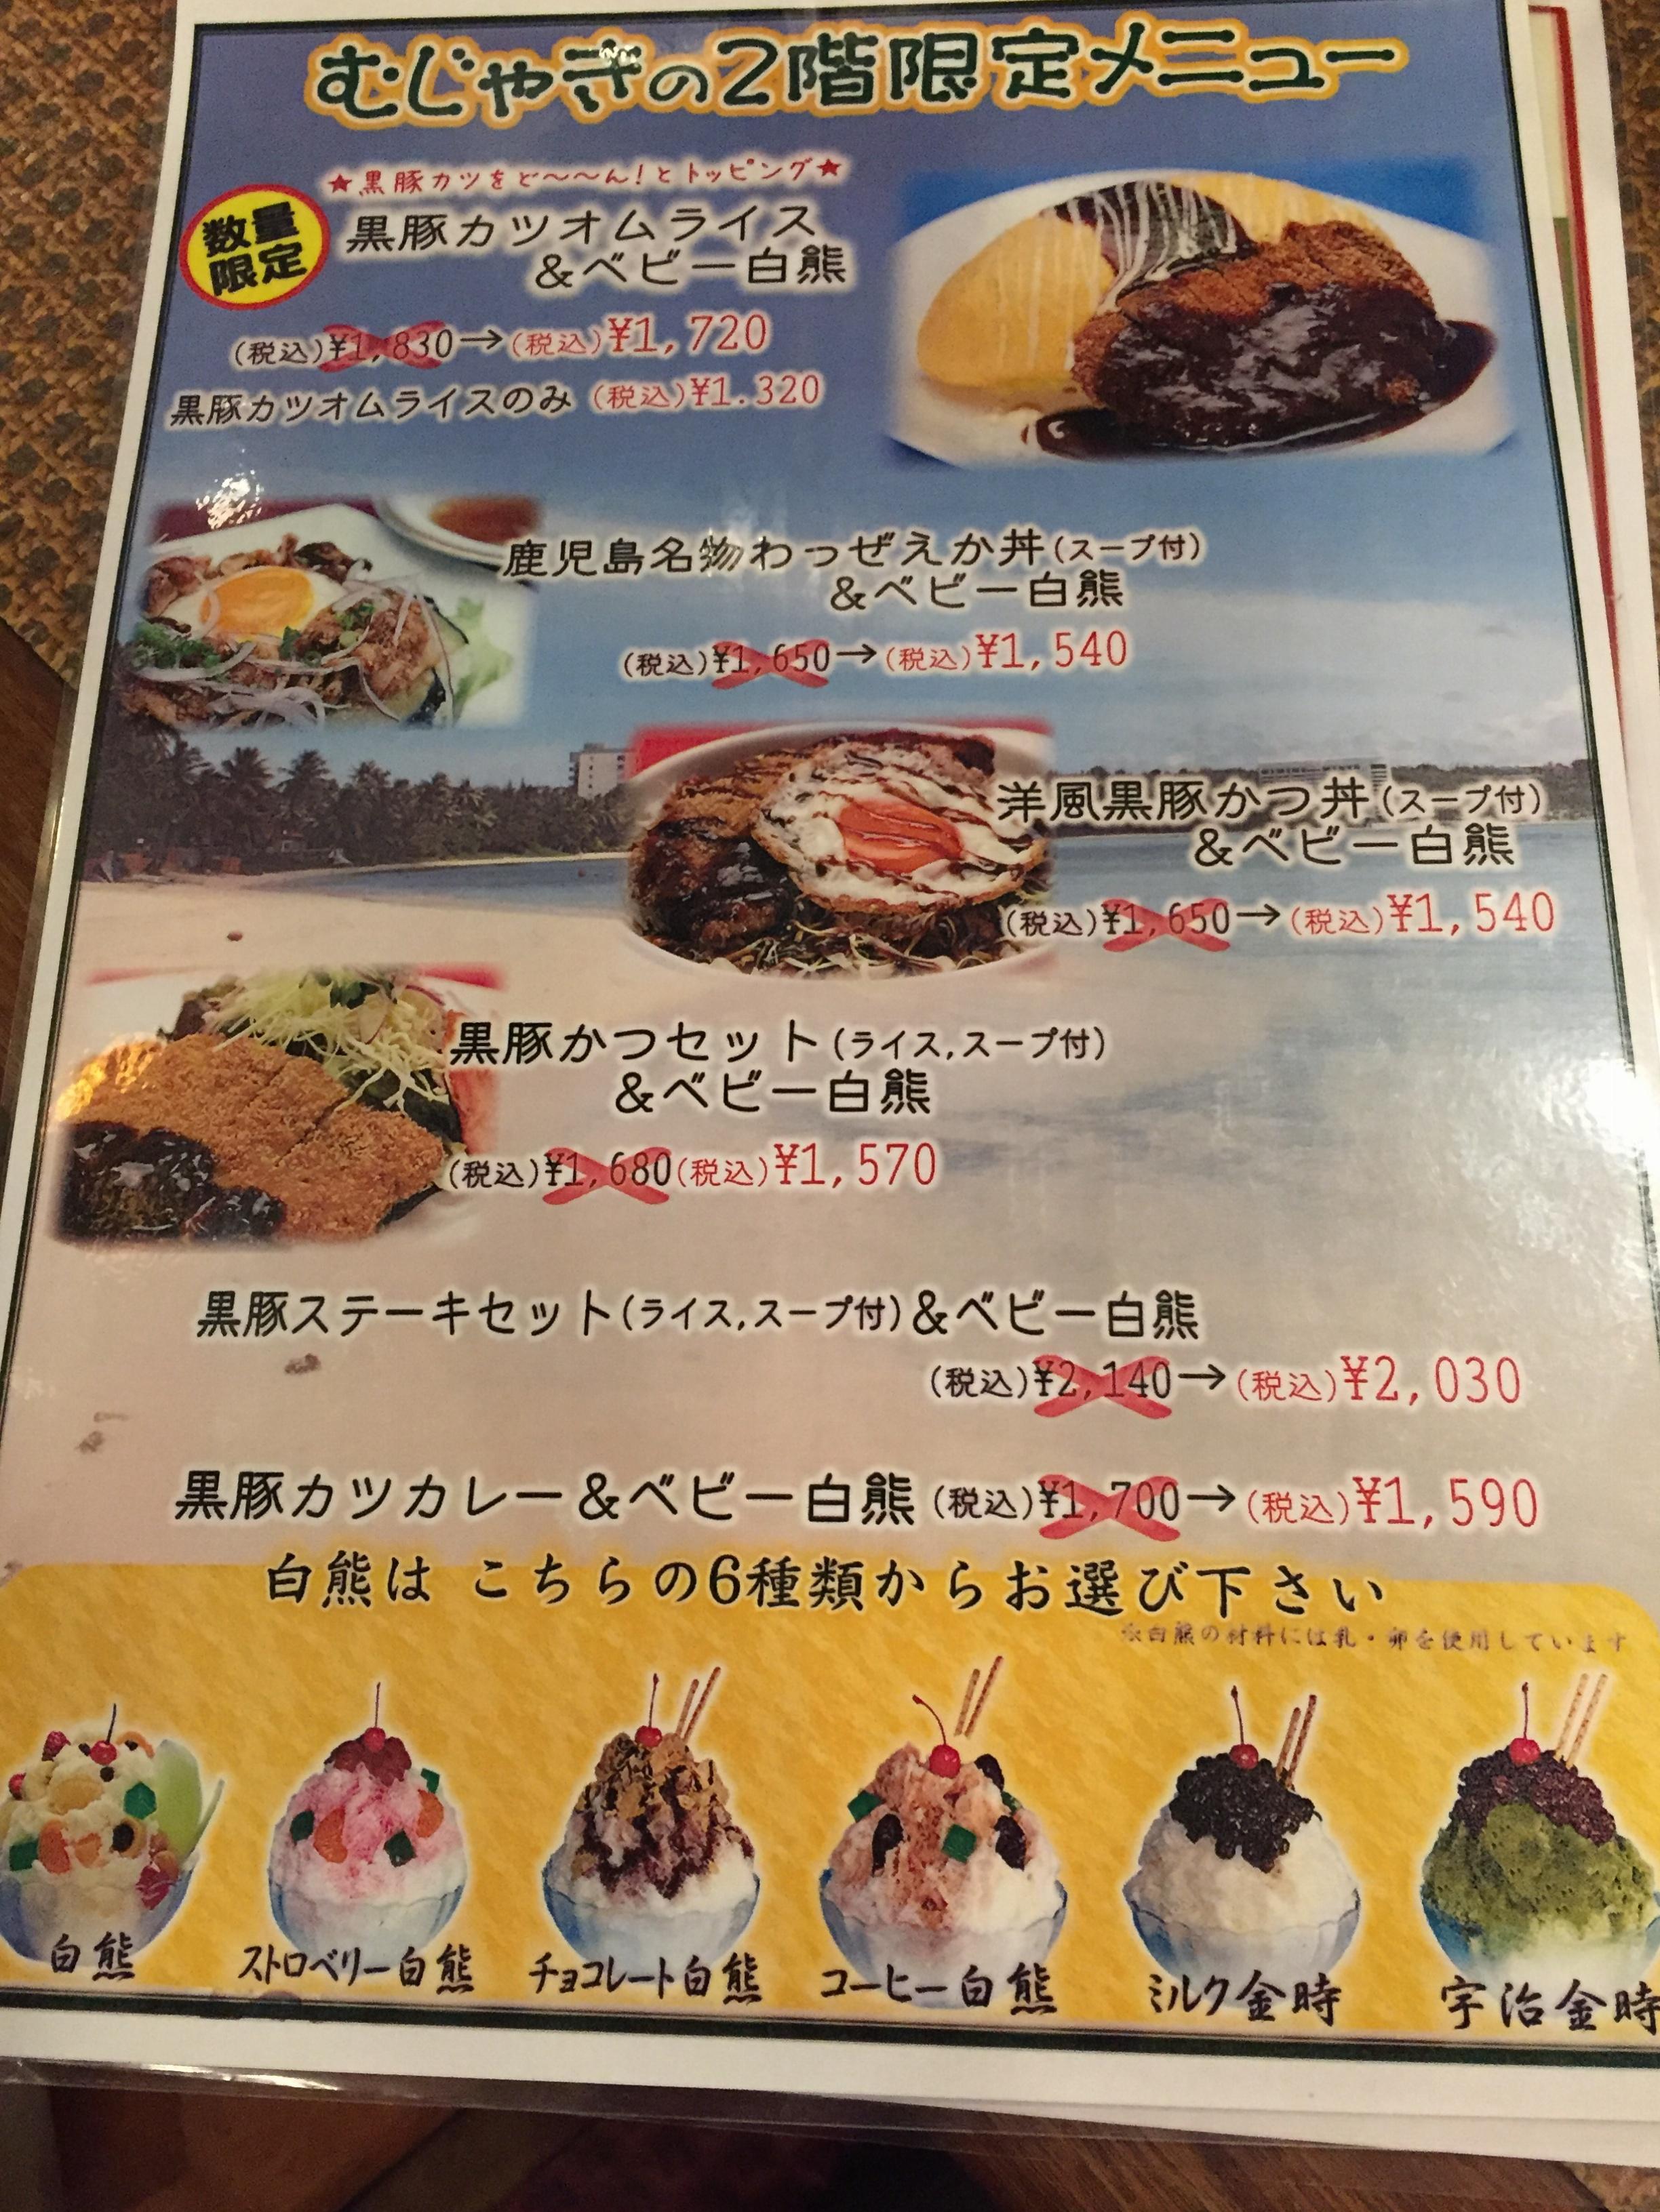 【氷白熊】鹿児島に行ったらコレ食べなきゃ!!オススメのお店は白熊の本家『天文館〇〇〇〇』≪samenyan≫_10